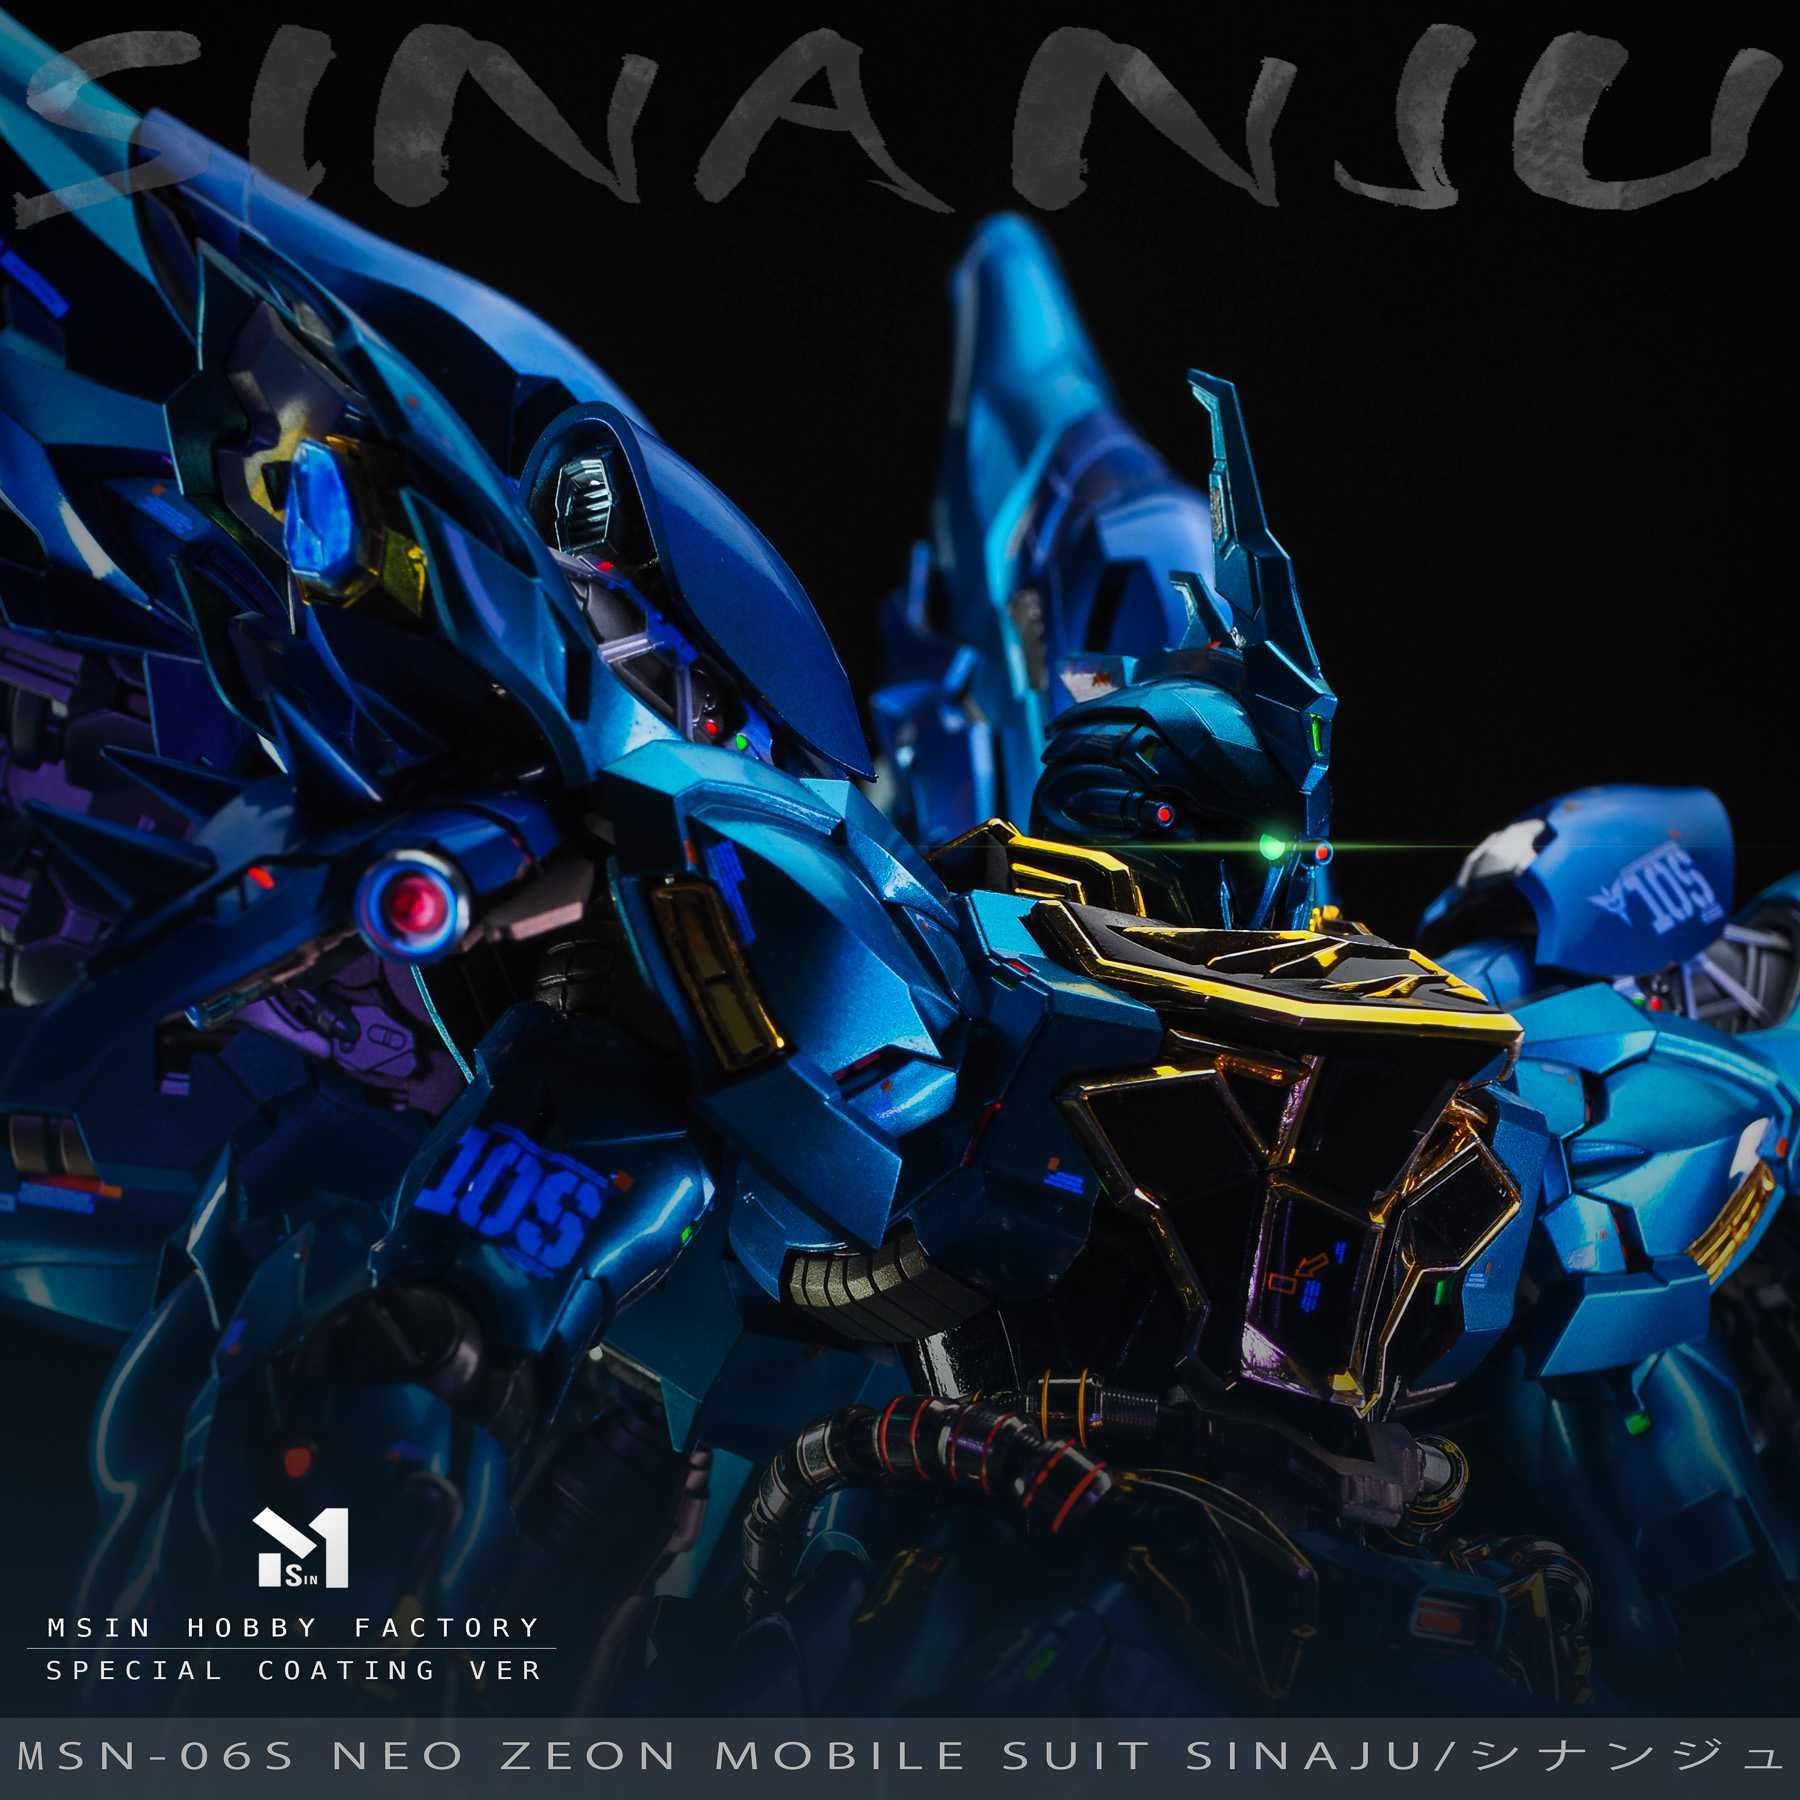 S437_4_sinanju_takumi_blue_001.jpg